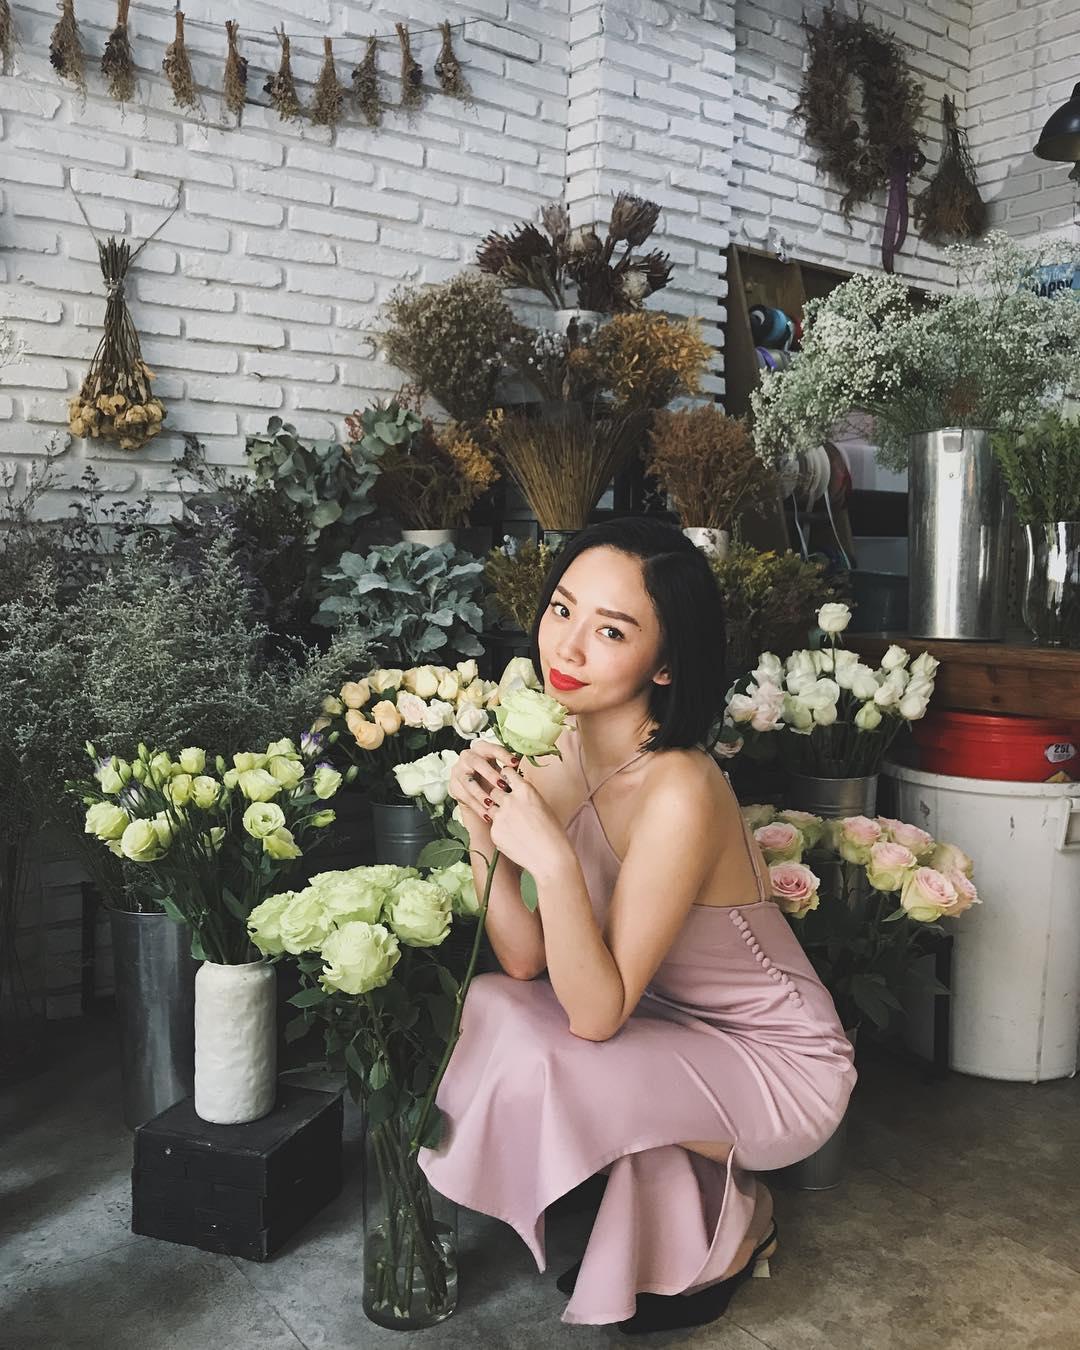 tóc tiên mặc đầm slip dress lụa cổ yếm màu hồng thạch anh rose quartz trong tiệm hoa